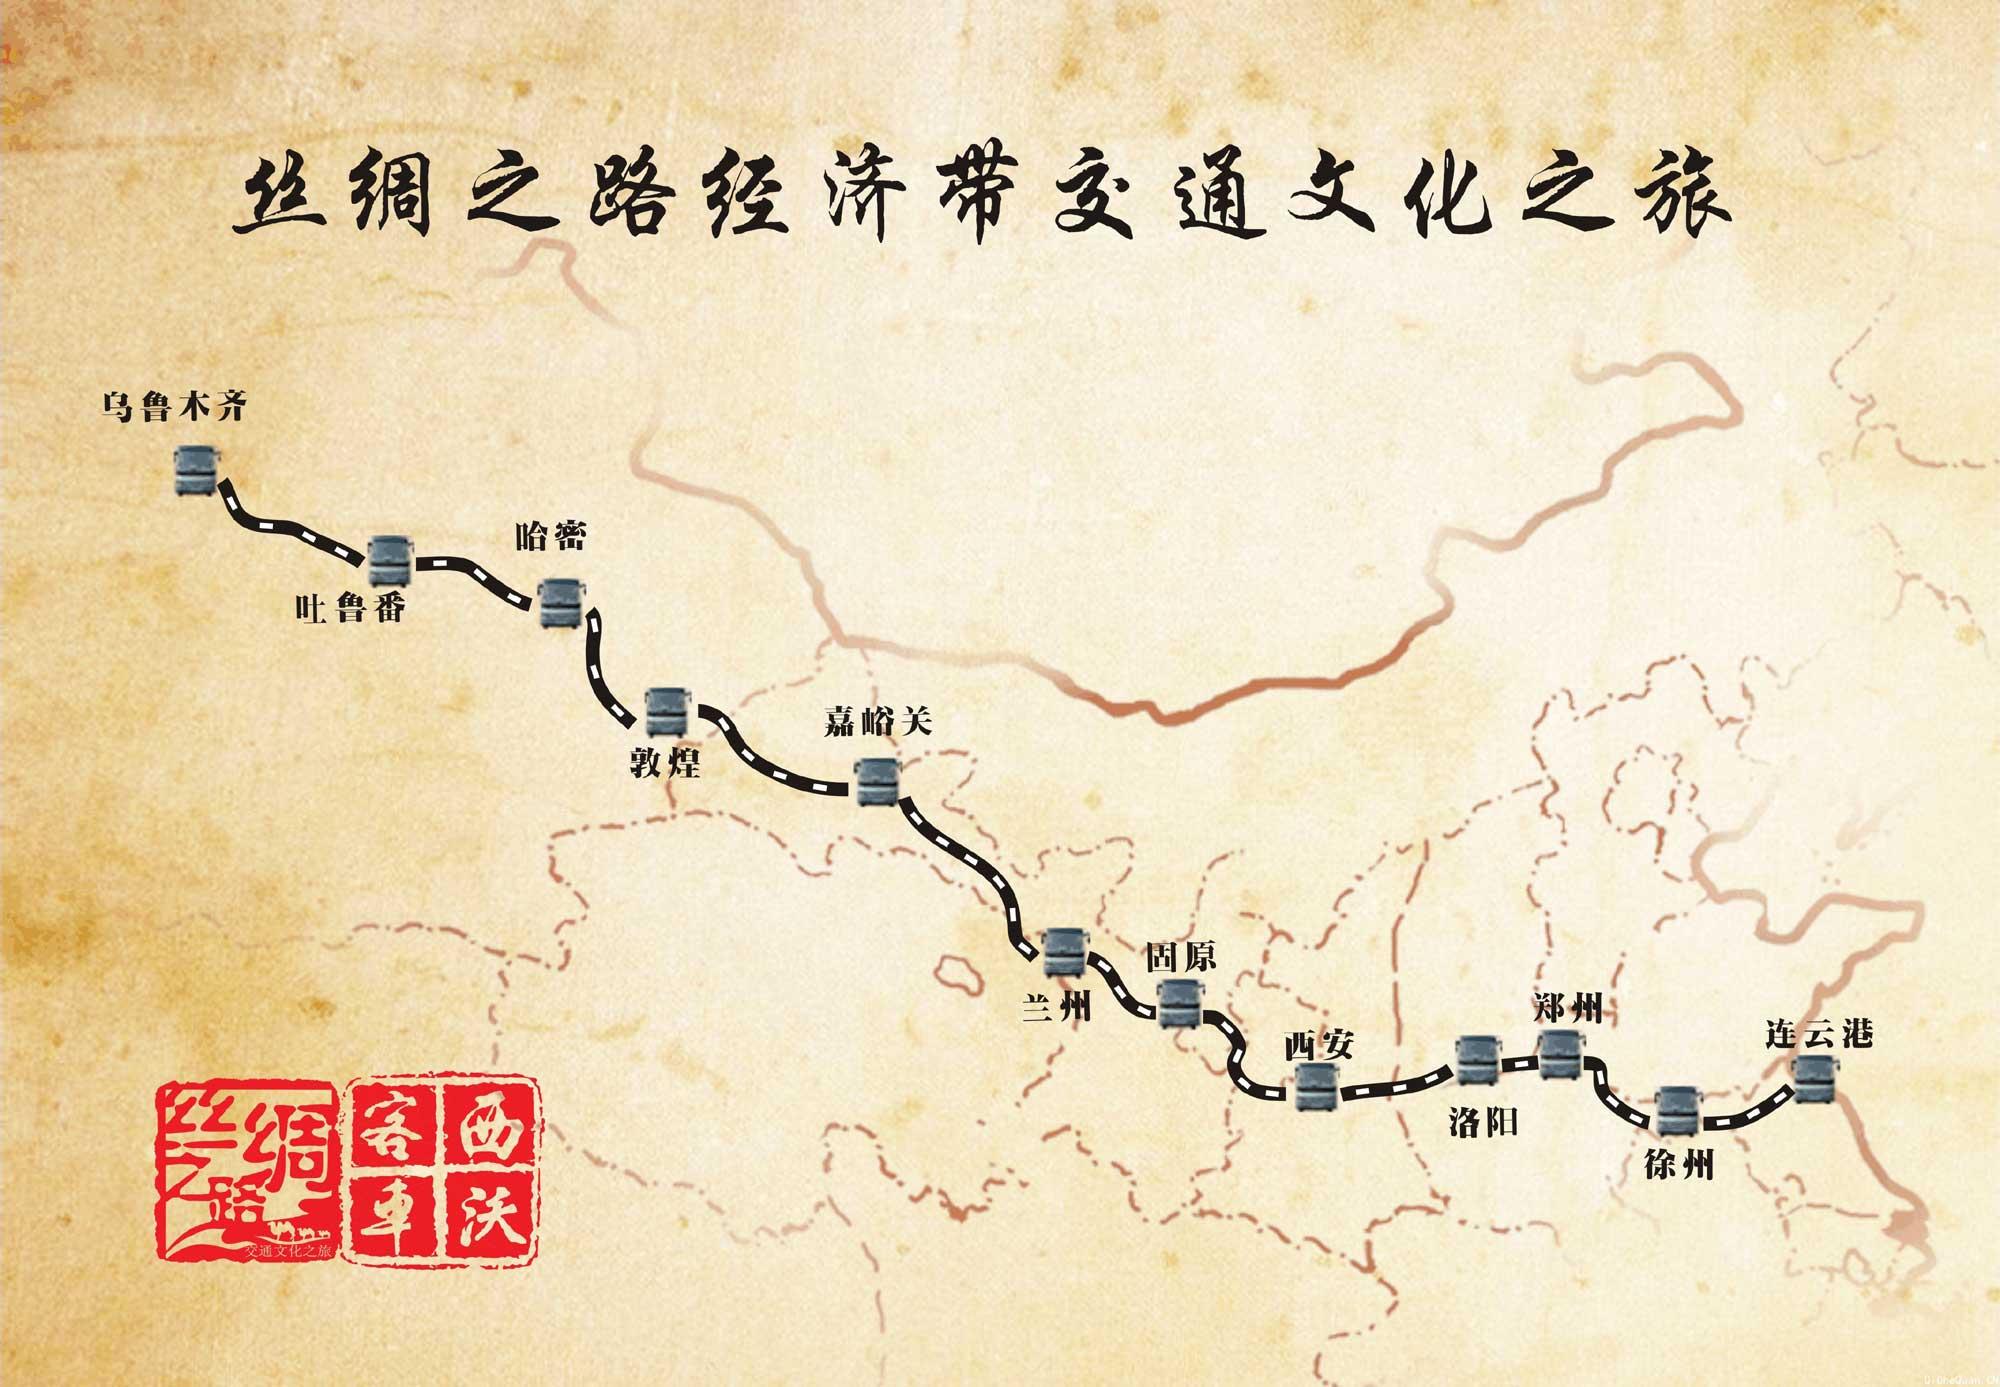 浙江省旅游地图_中国丝绸之路路线图_地图窝